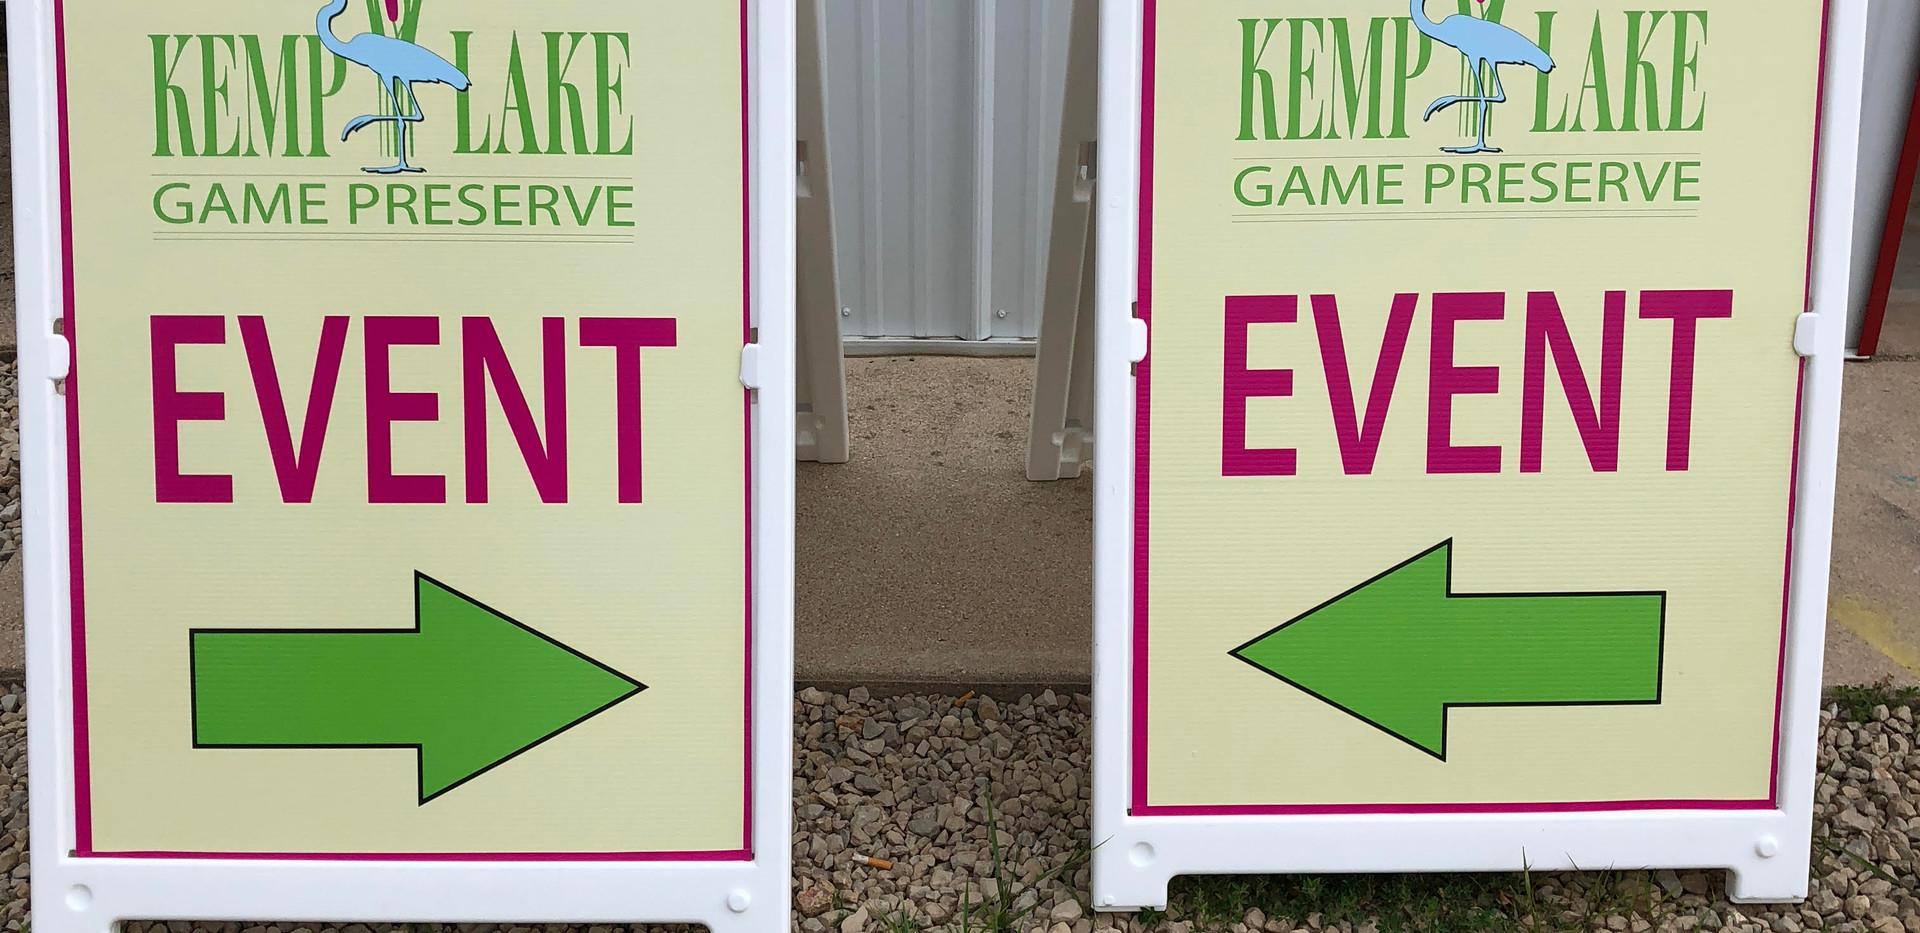 Kemp Lake Portable.jpg